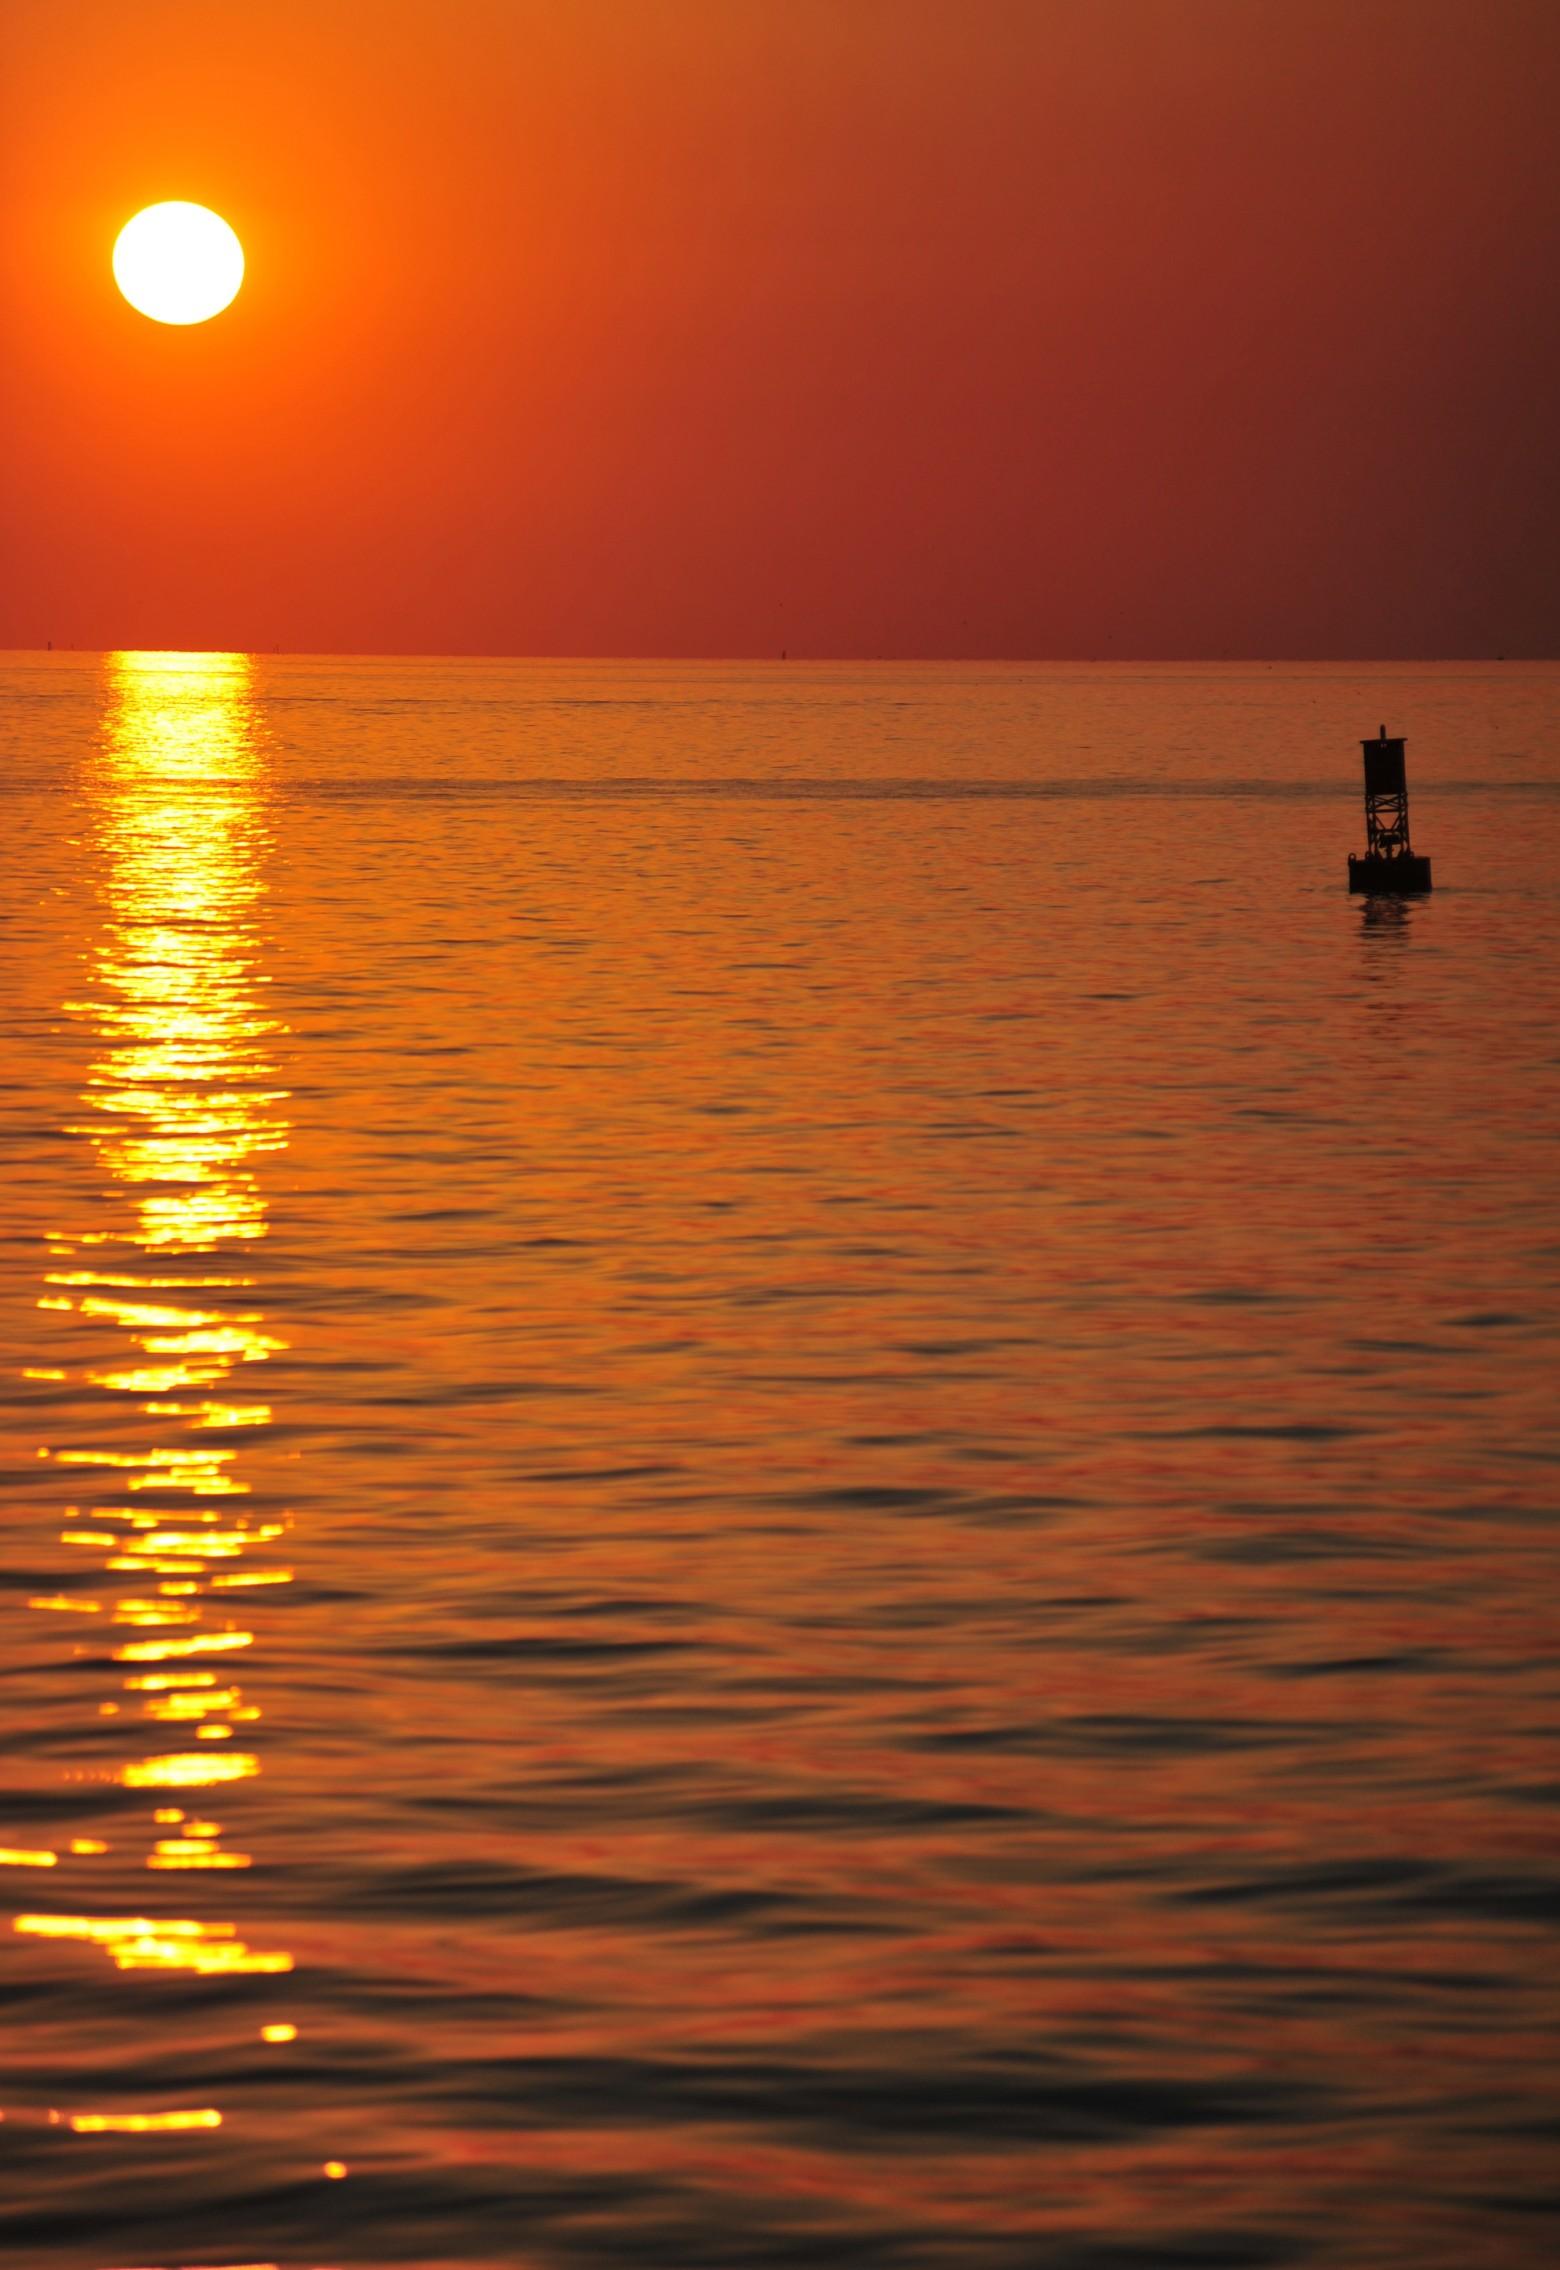 Coucher de soleil sunset oc an mer plage images photos - Photos de coucher de soleil sur la mer ...